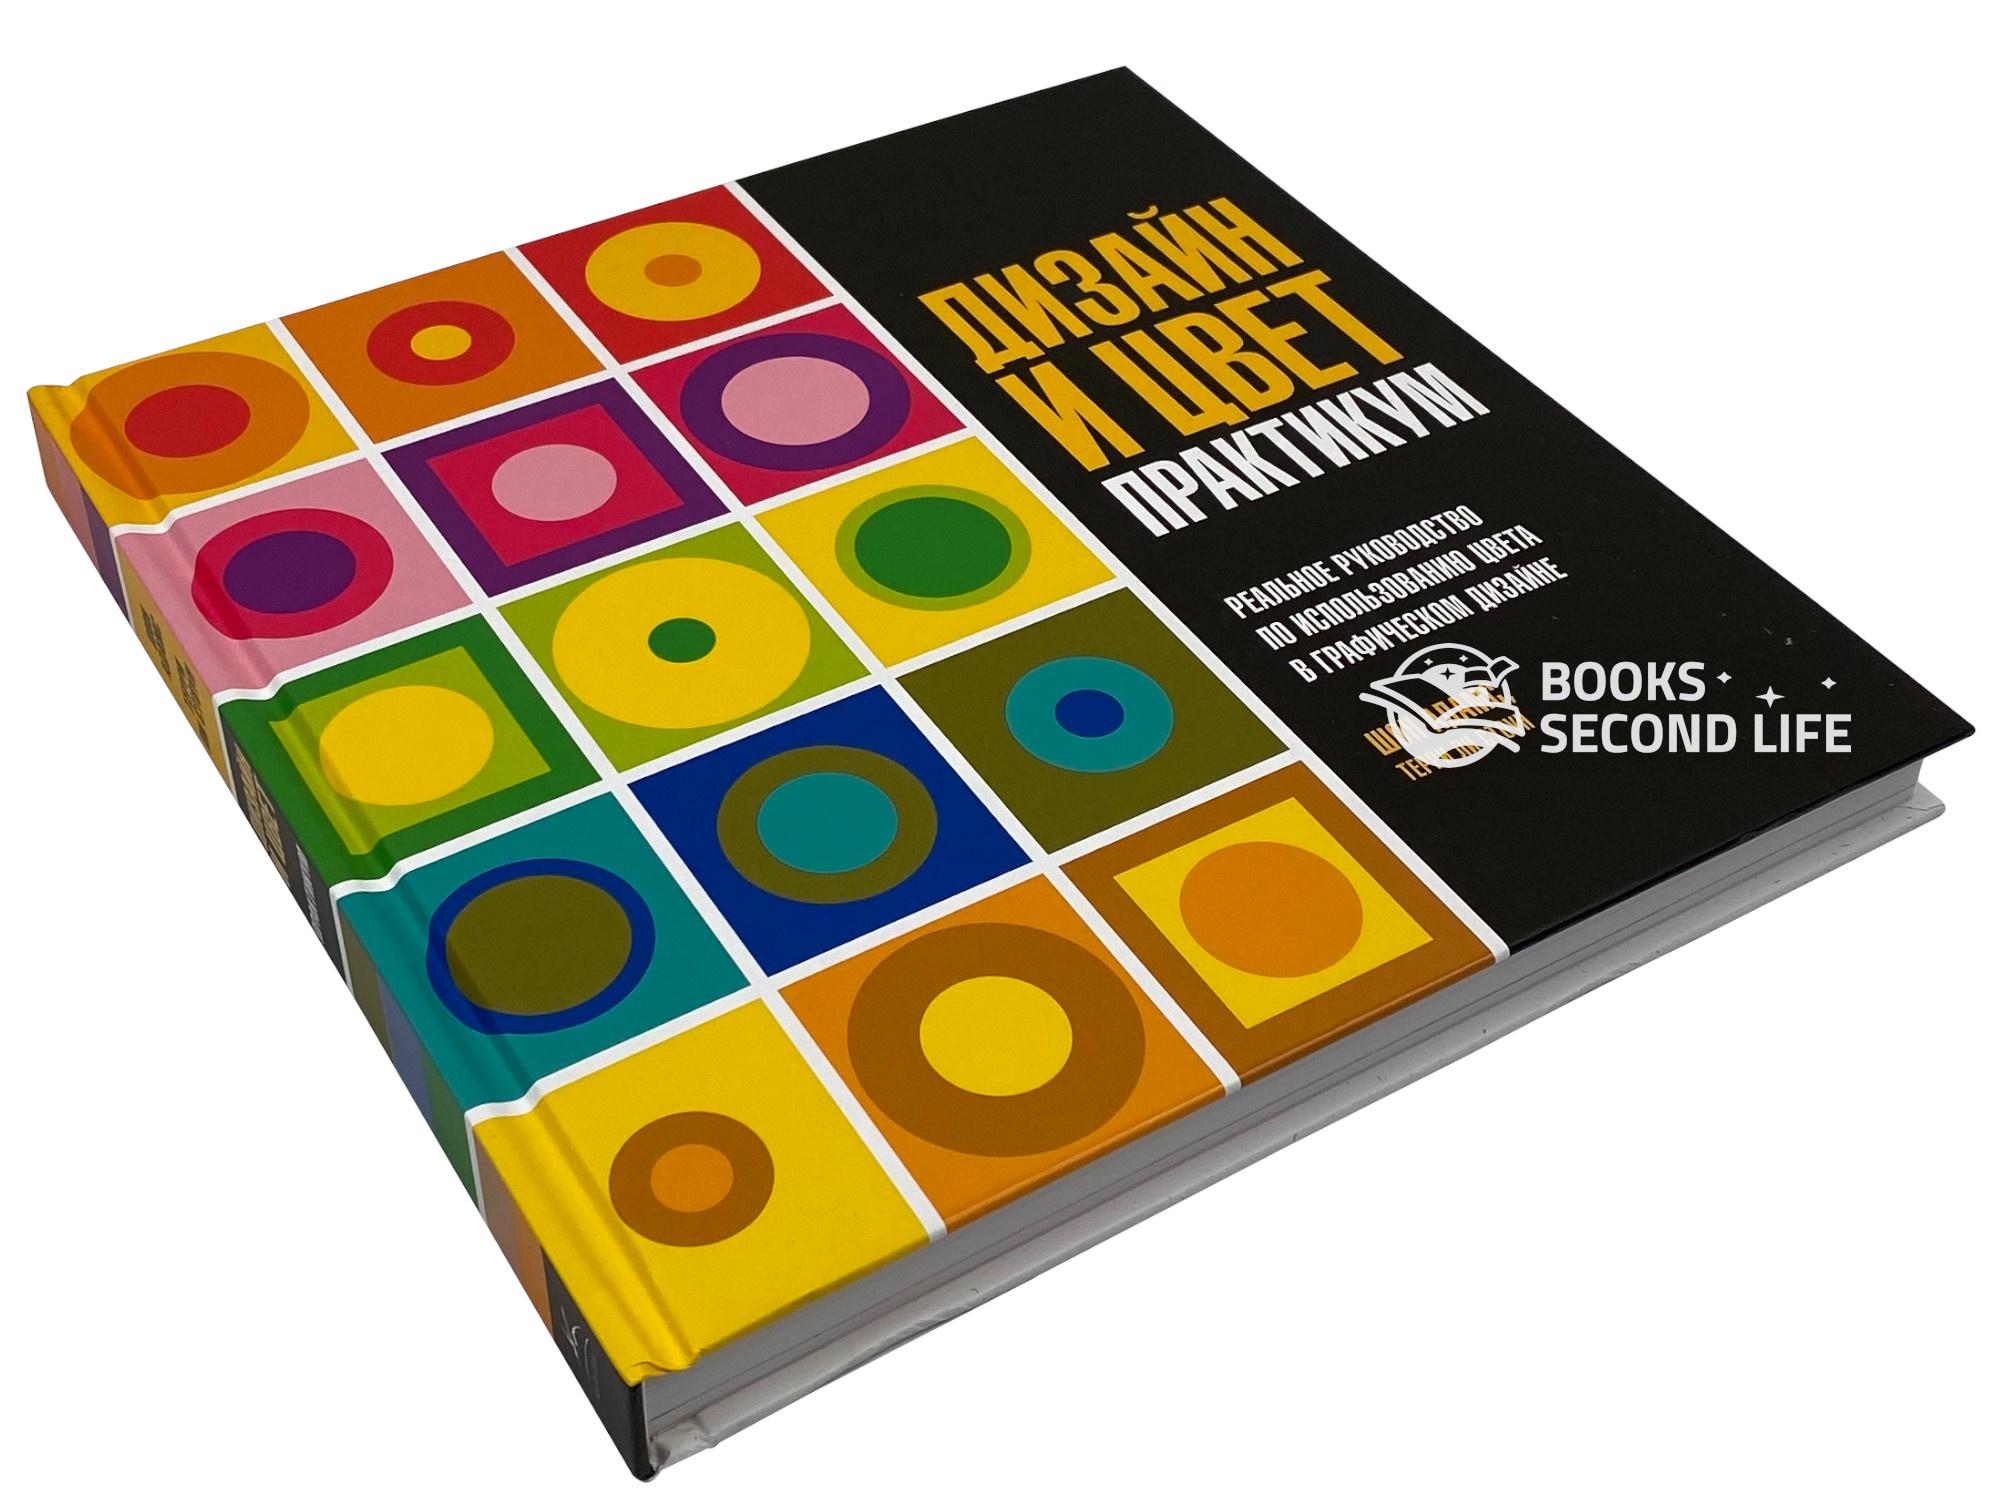 Дизайн и цвет. Практикум. Реальное руководство по использованию цвета в графическом дизайне. Автор — Шон Адамс, Терри Ли Стоун. Переплет —